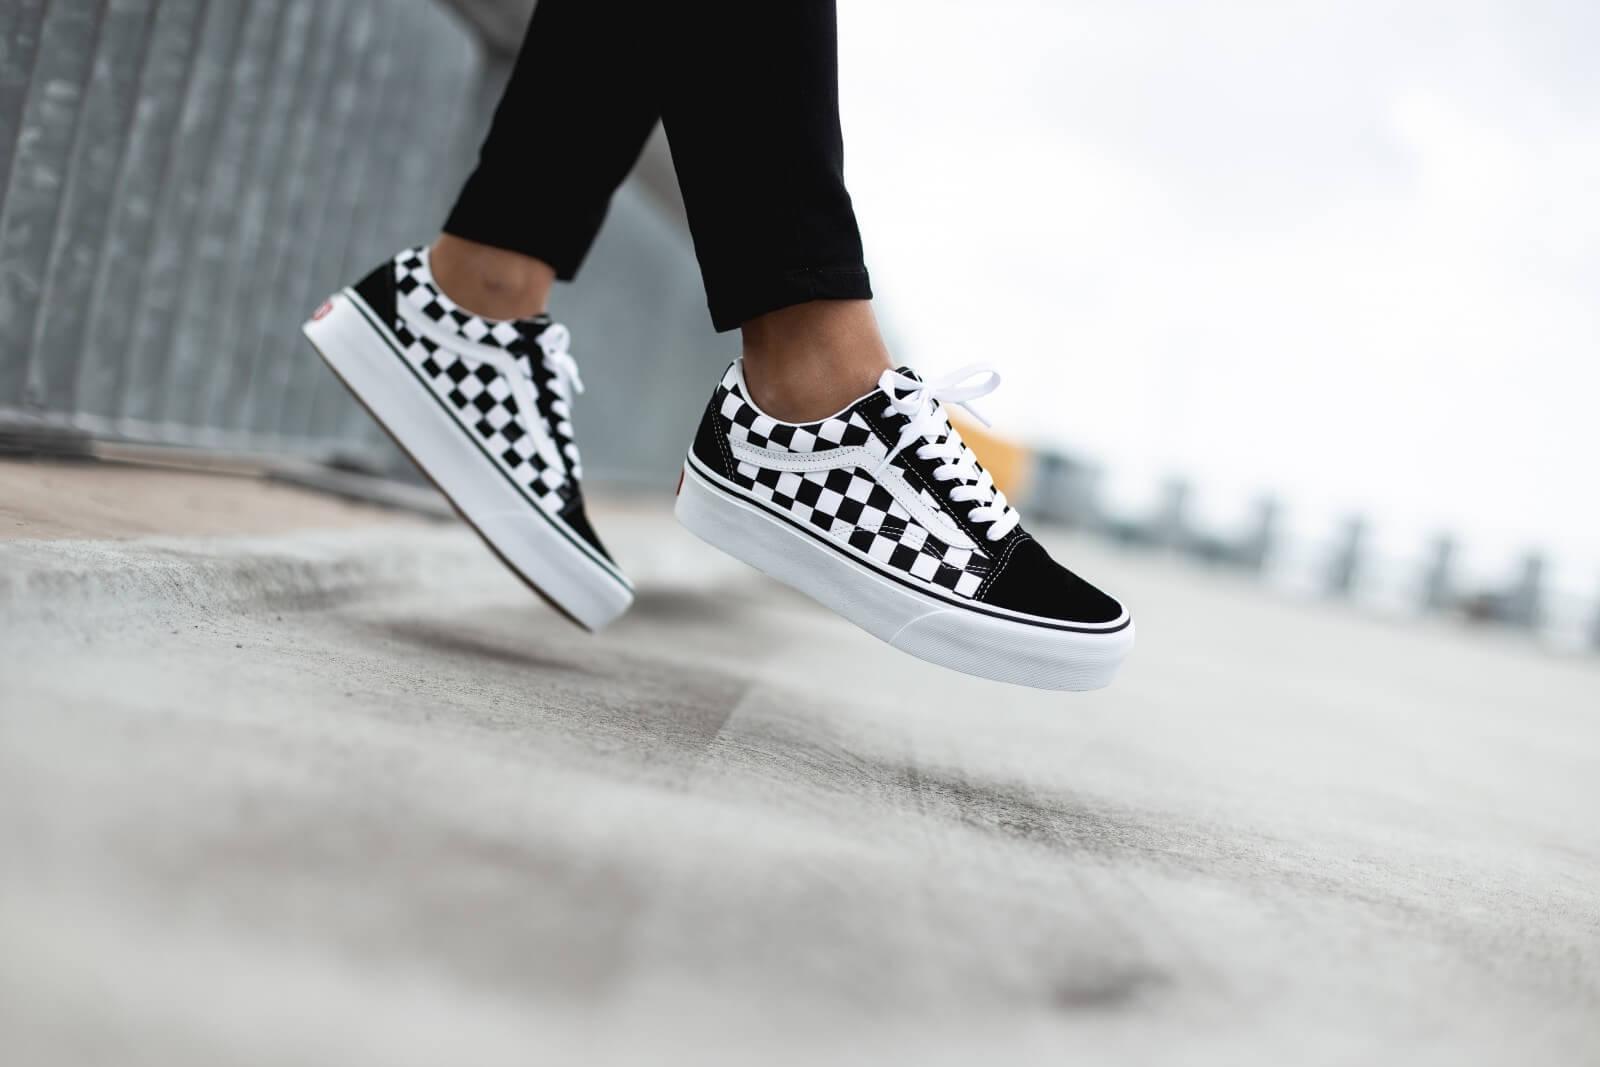 Vans Checkerboard Old Skool Sneaker | How to wear vans